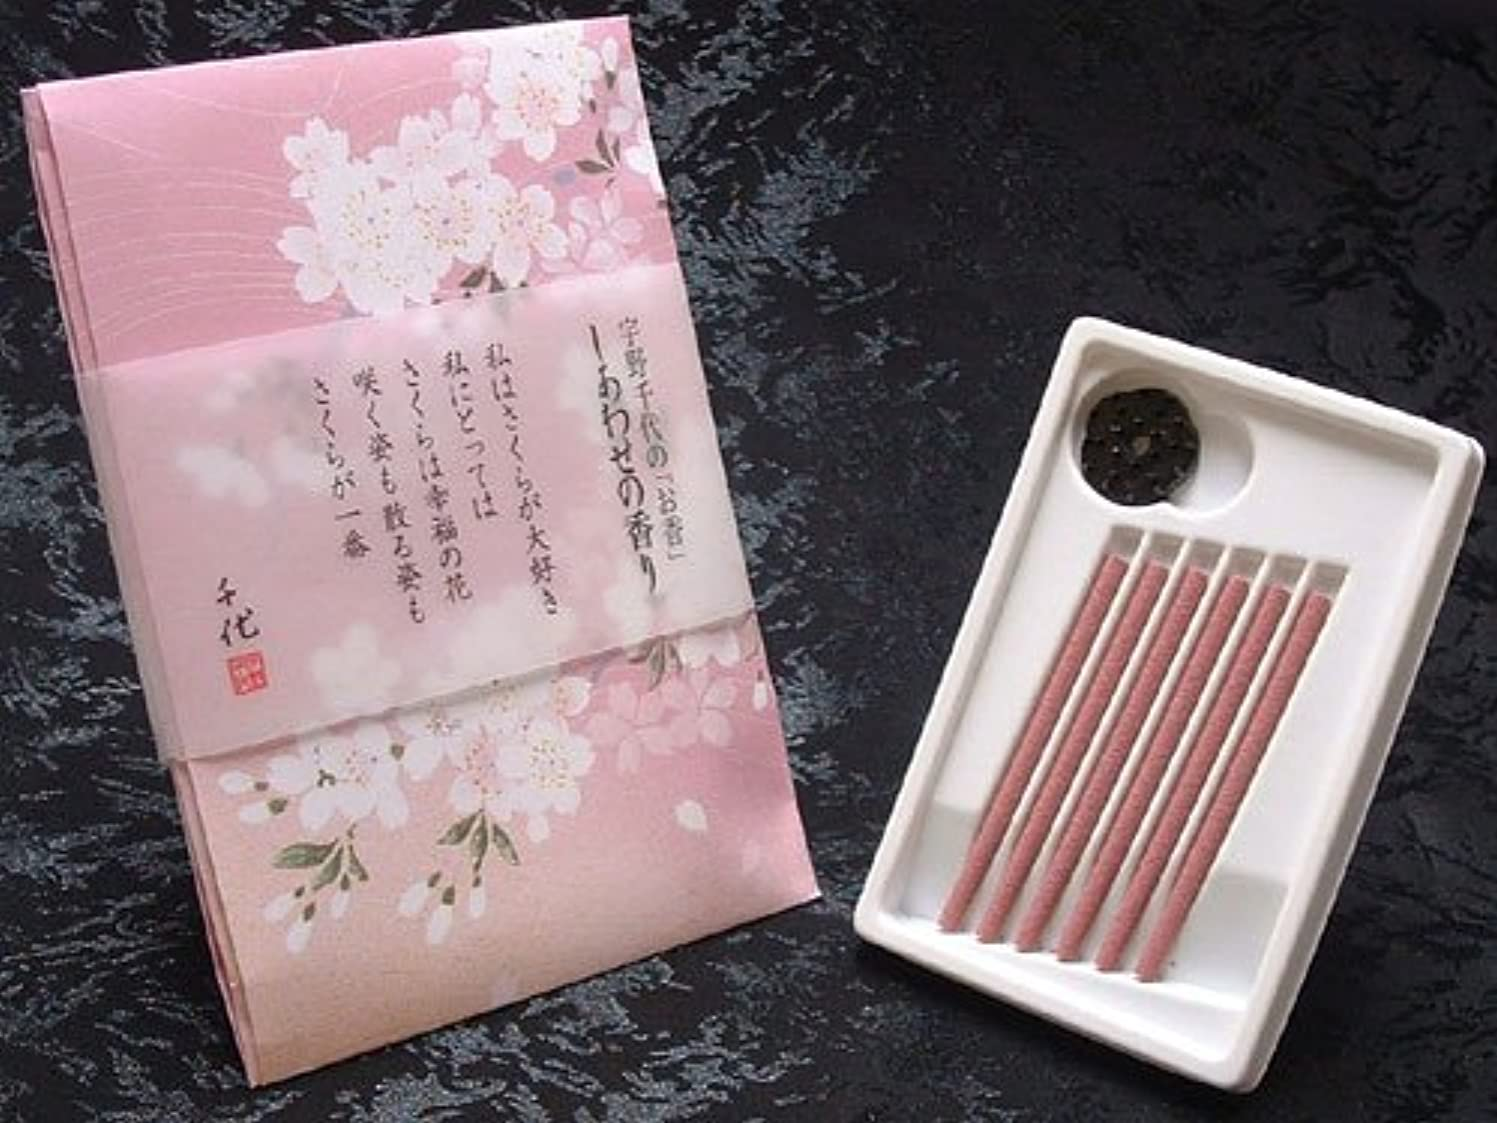 ミケランジェロ負荷便利日本香堂のお香 宇野千代 しあわせの香り スティック6本入り たとう紙